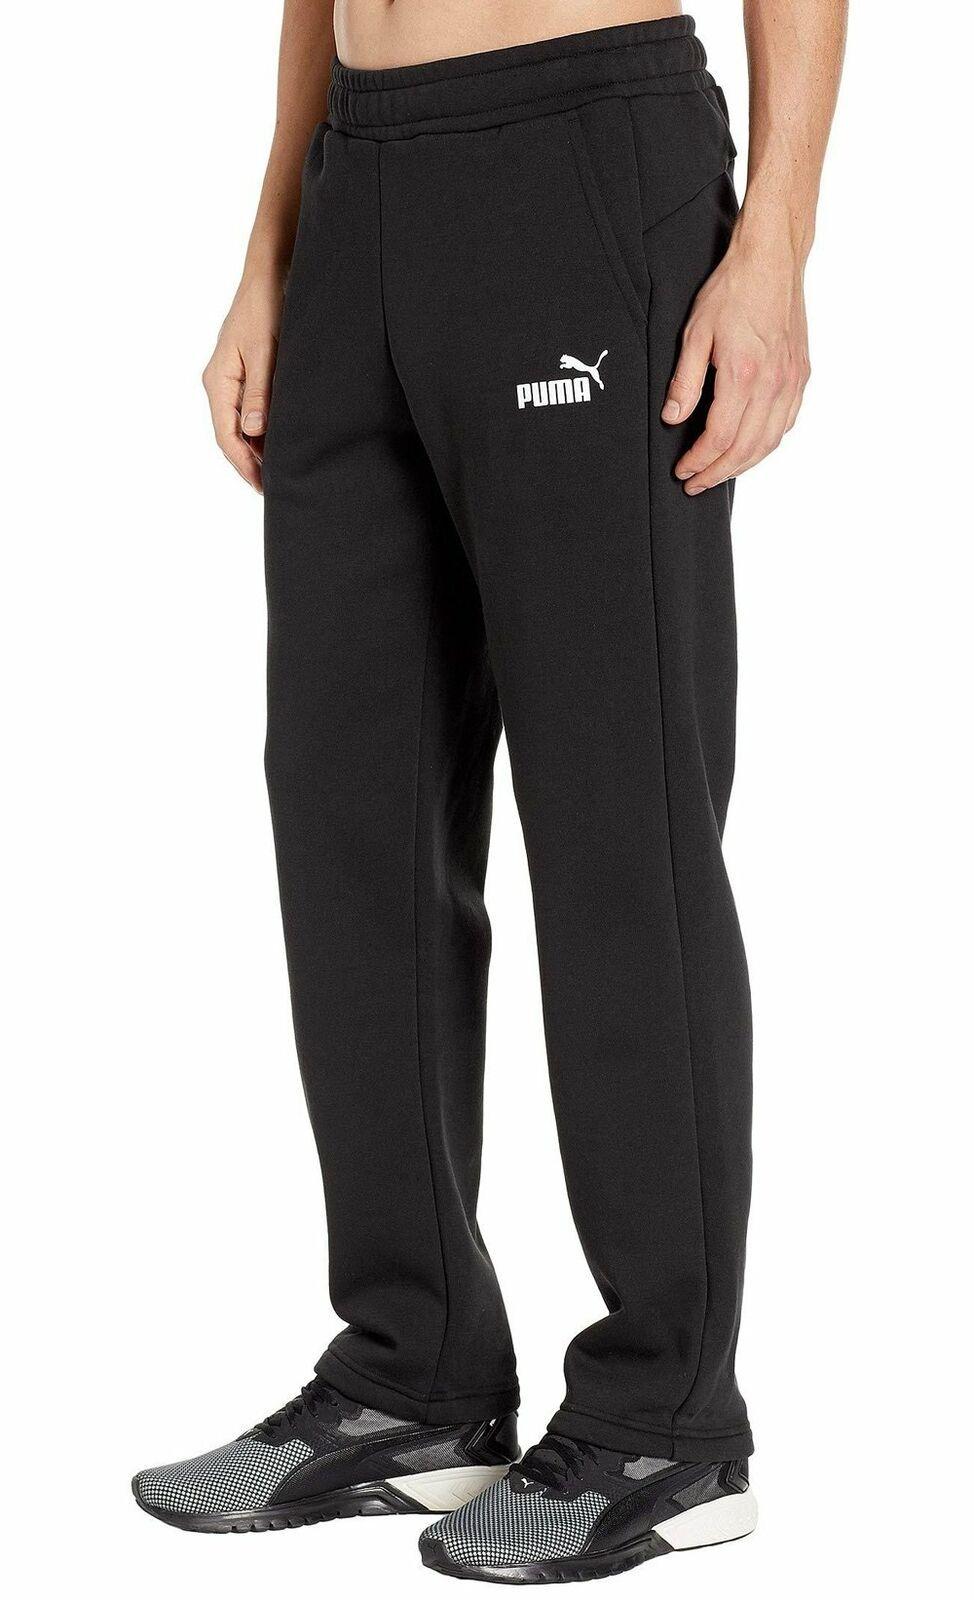 Reebok Men Pant BLACK Small /& Extra Large Pivot Performance Jogger S /& XL  $70.